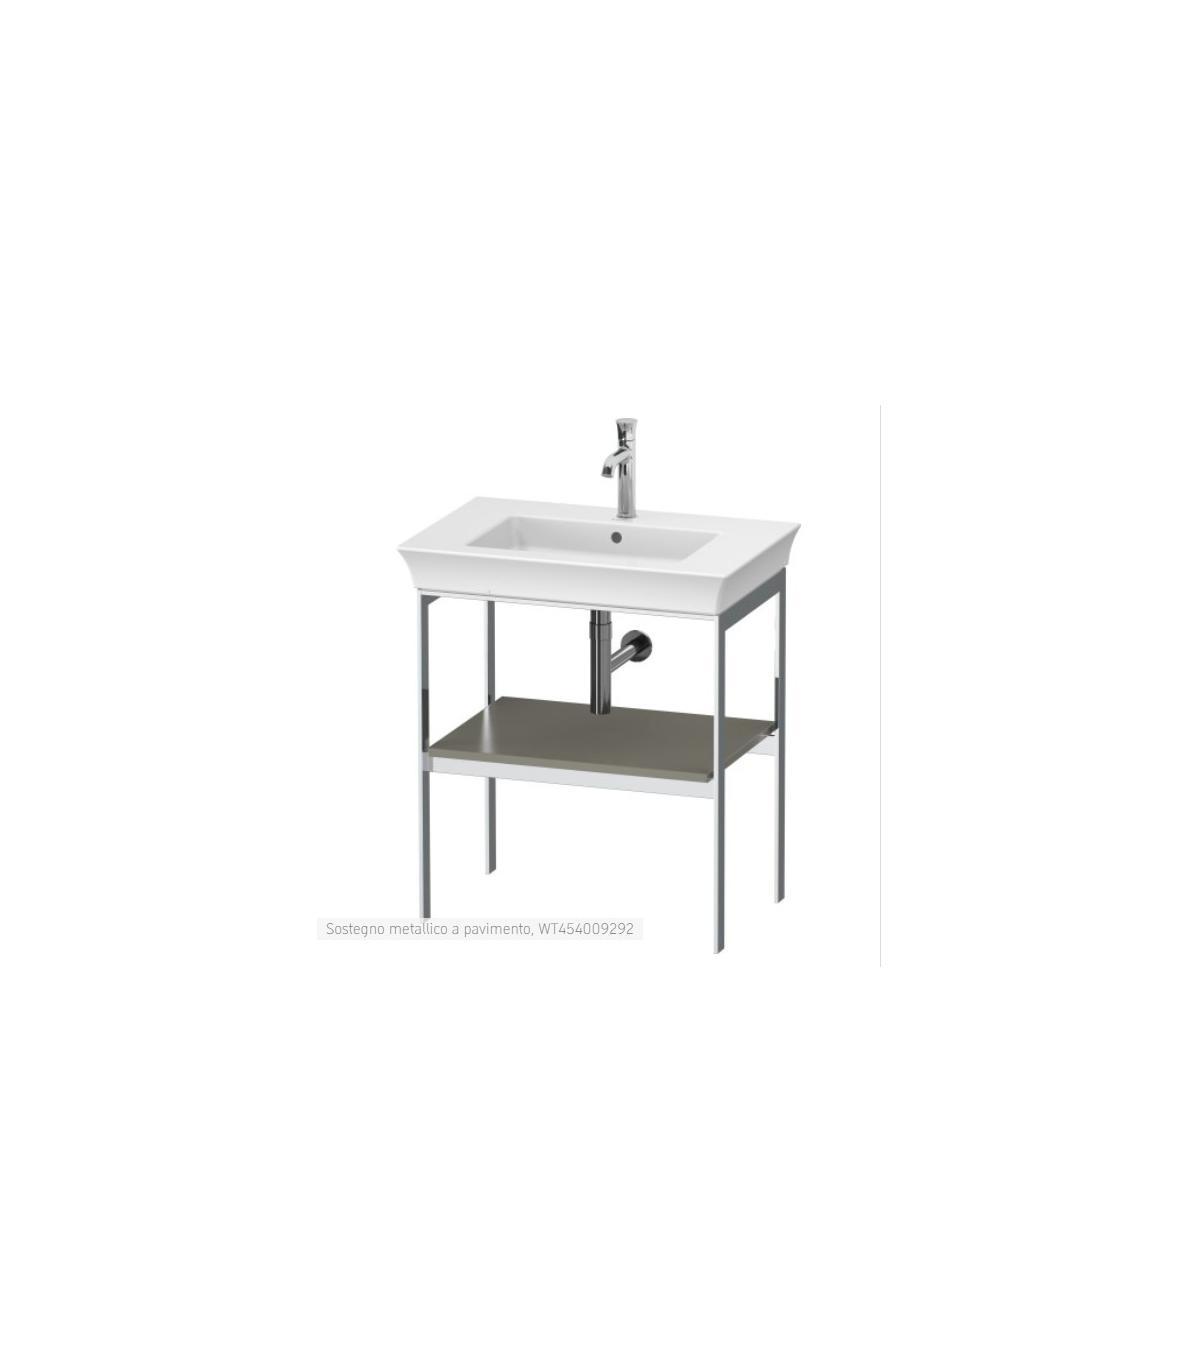 Detergente Per Cotto Esterno piastrella da esterno marazzi serie cotto d'italia 15x30